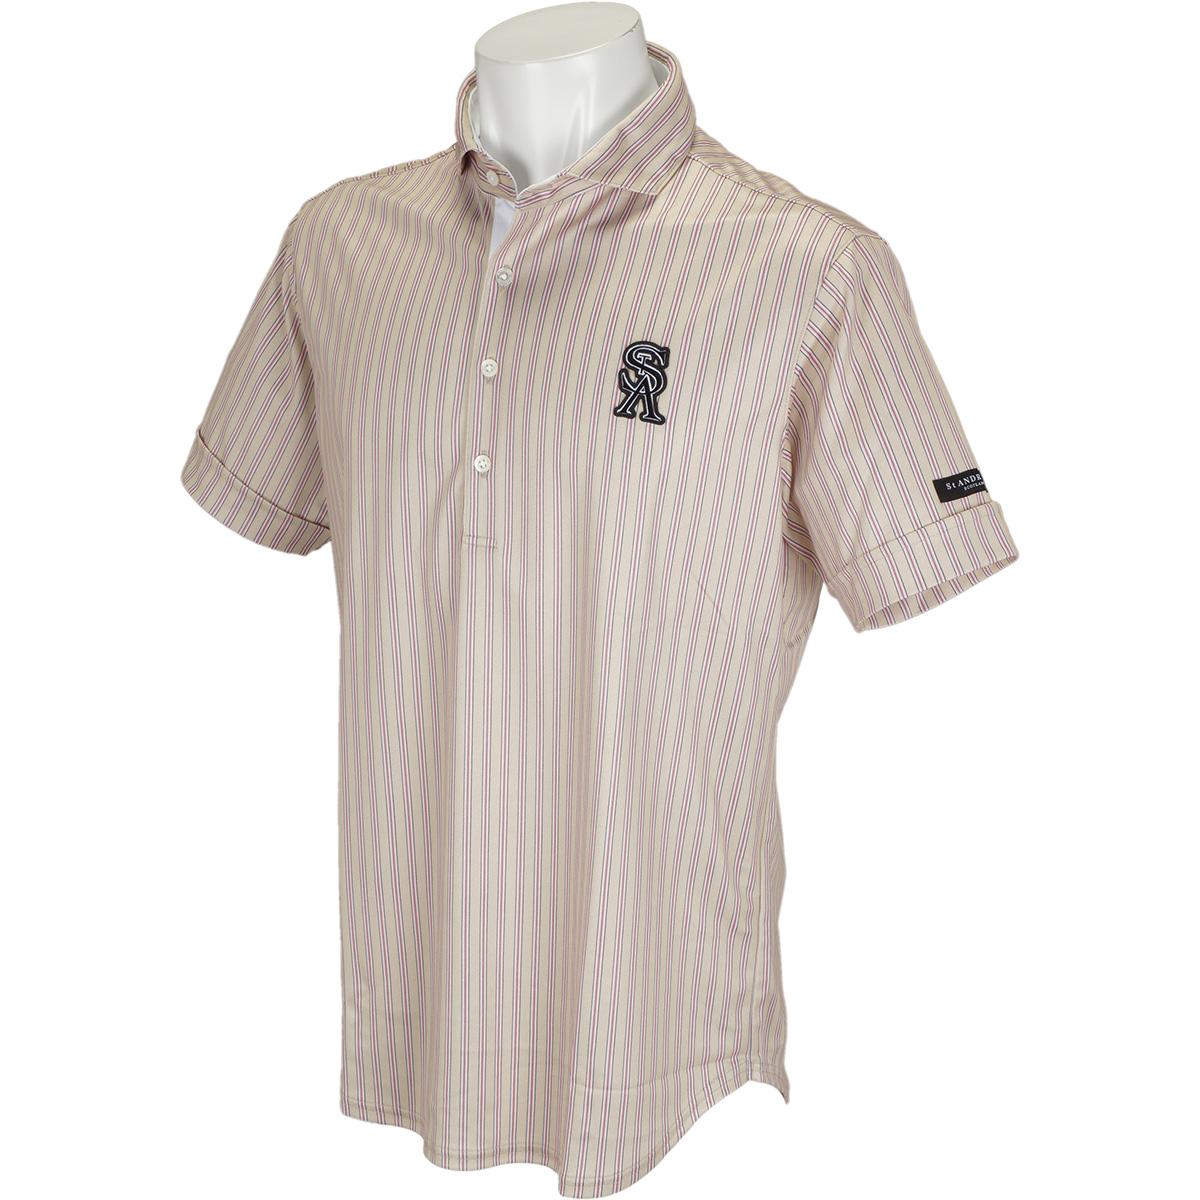 COOLMAX鹿の子ストライプ半袖ポロシャツ